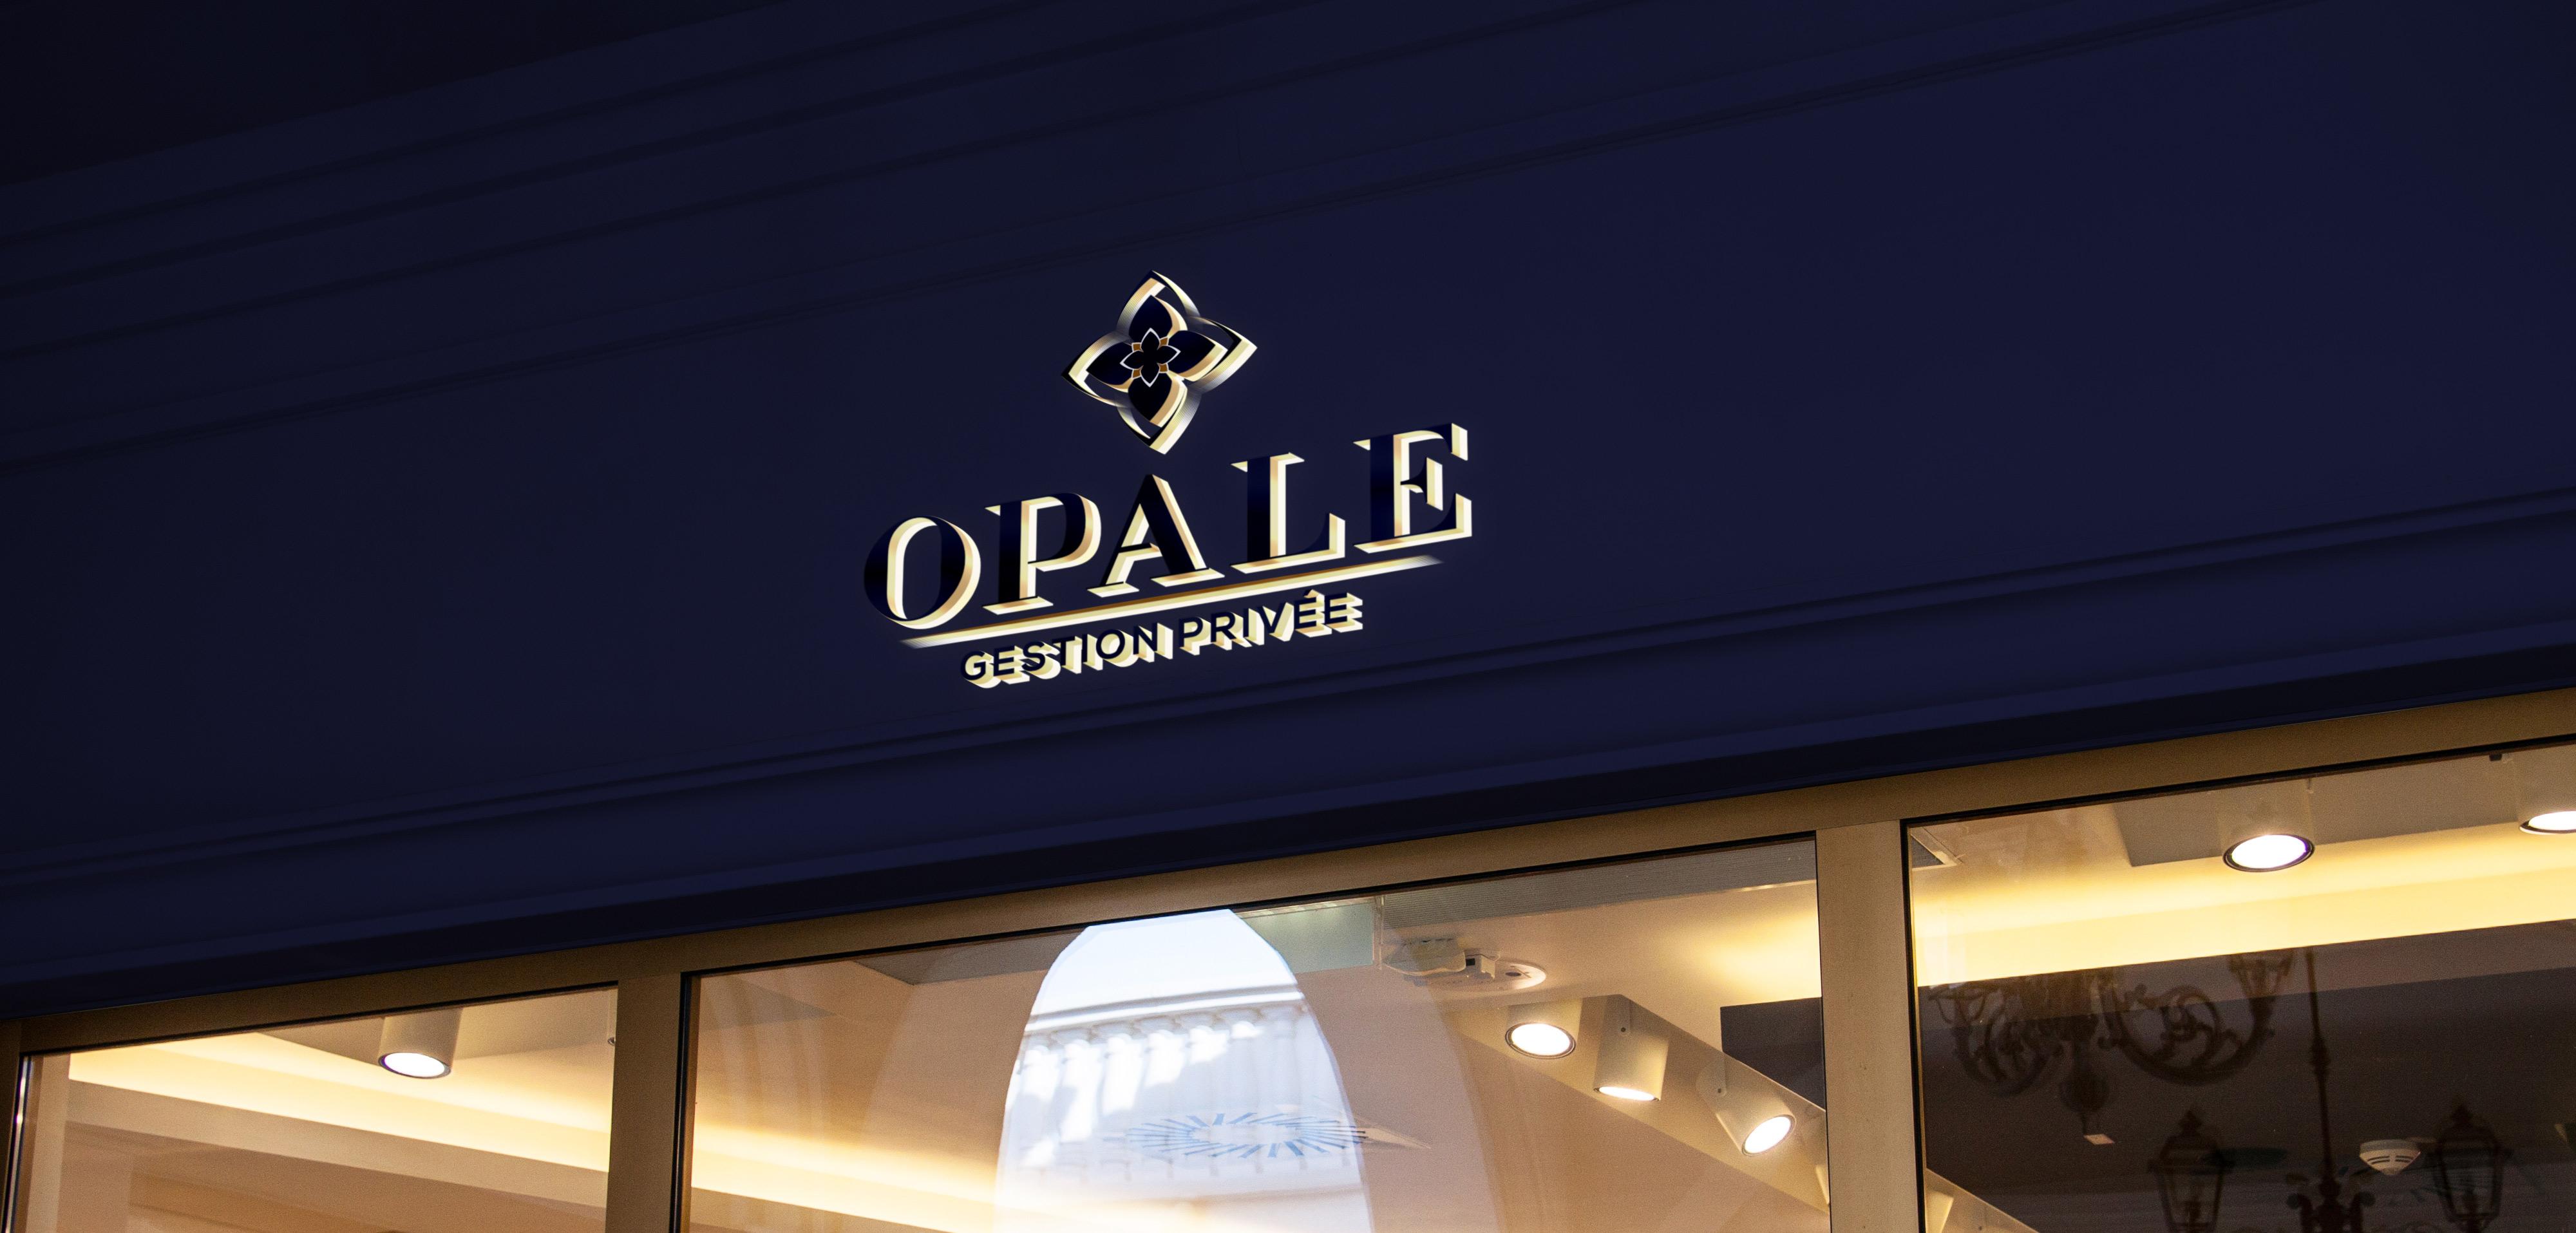 OPALE GESTION PRIVÉE - Création identité visuelle - Stratégie digitale